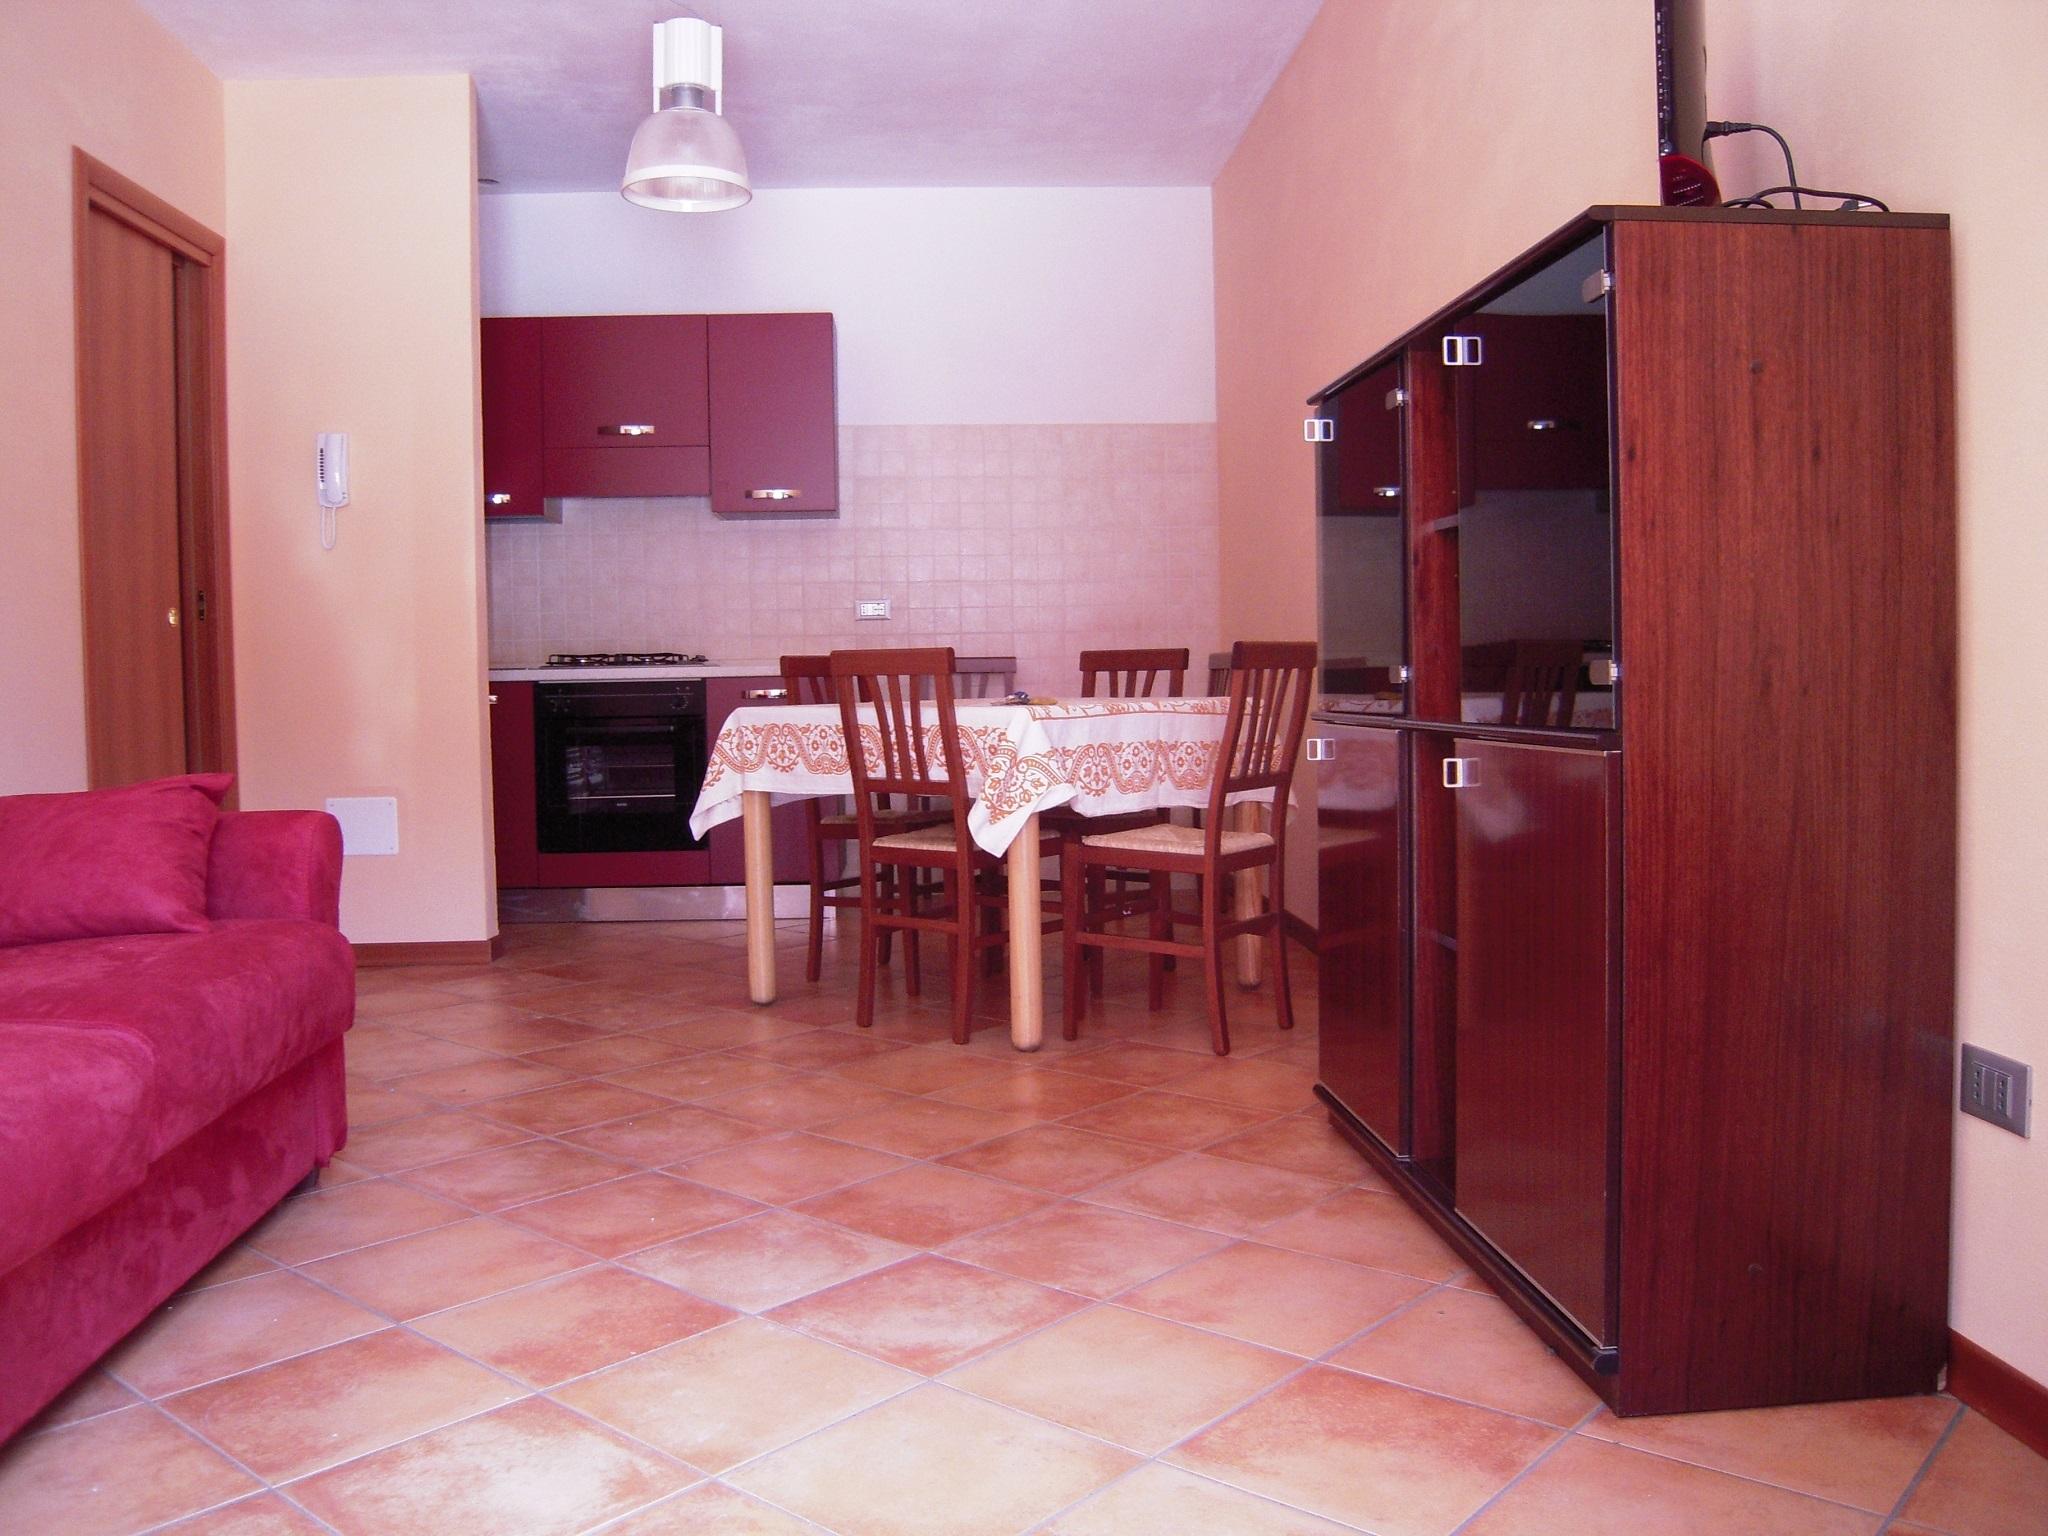 Appartamento-Standard-Bagno in camera con doccia